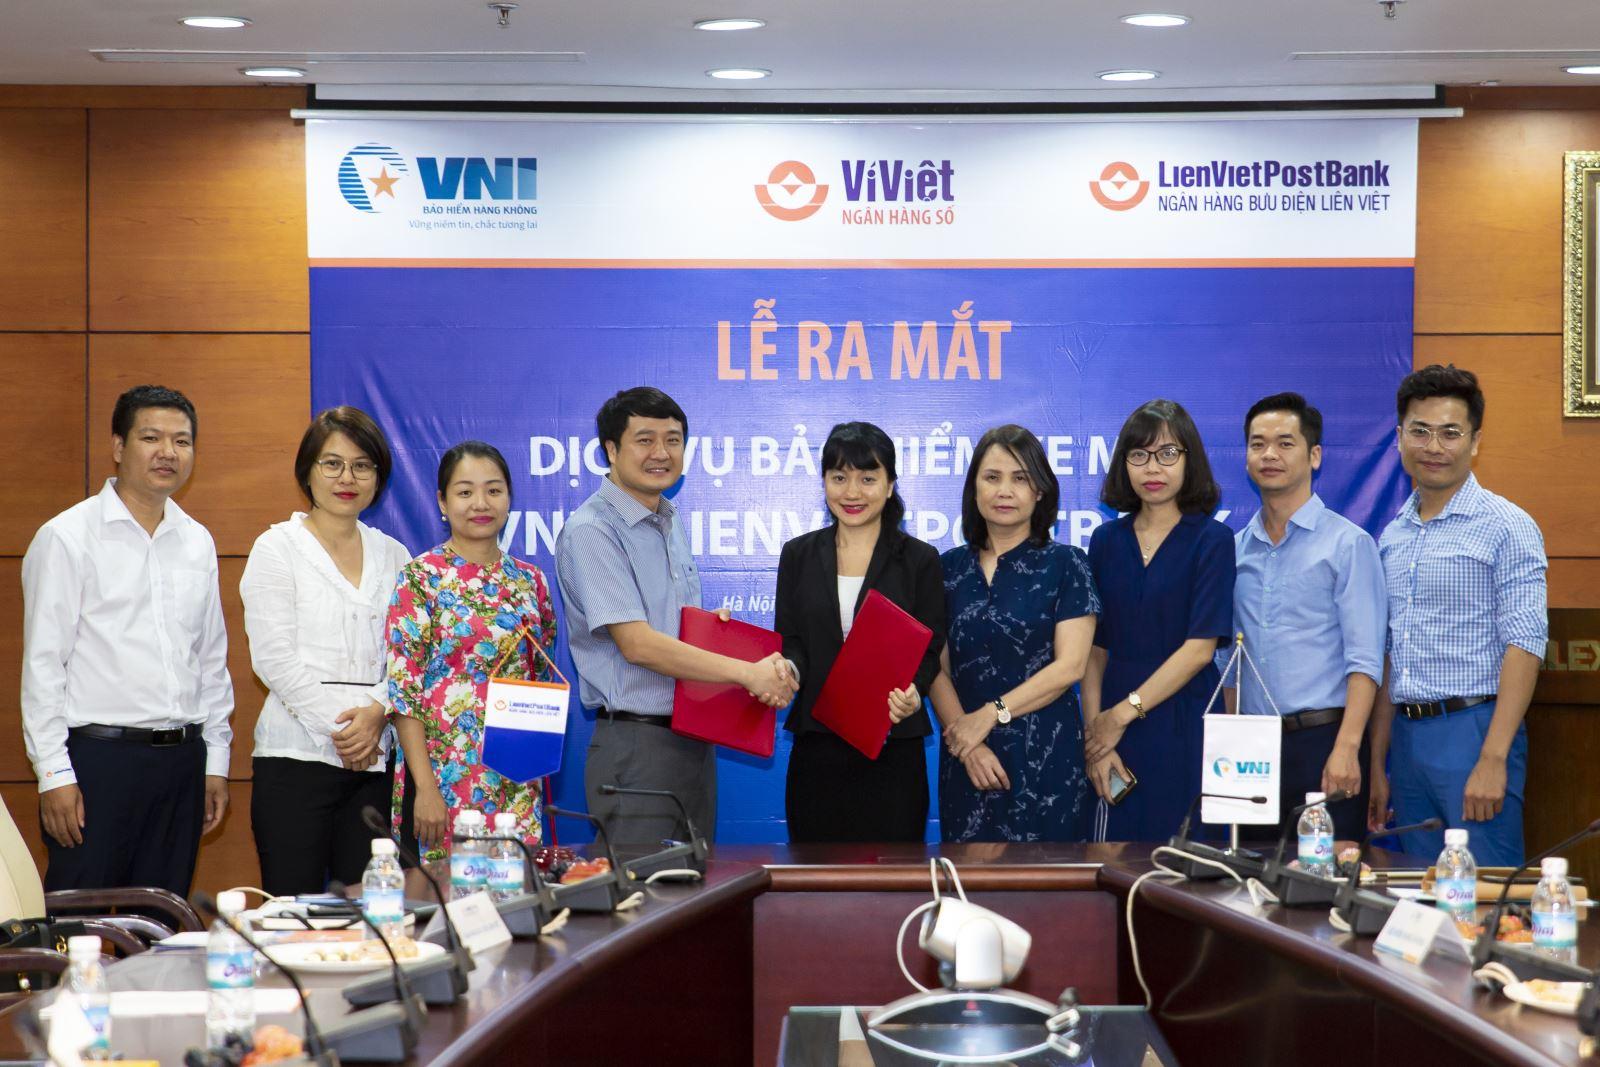 VNI  hợp tác cùng LienVietPostBank cung cấp dịch vụ bảo hiểm xe máy